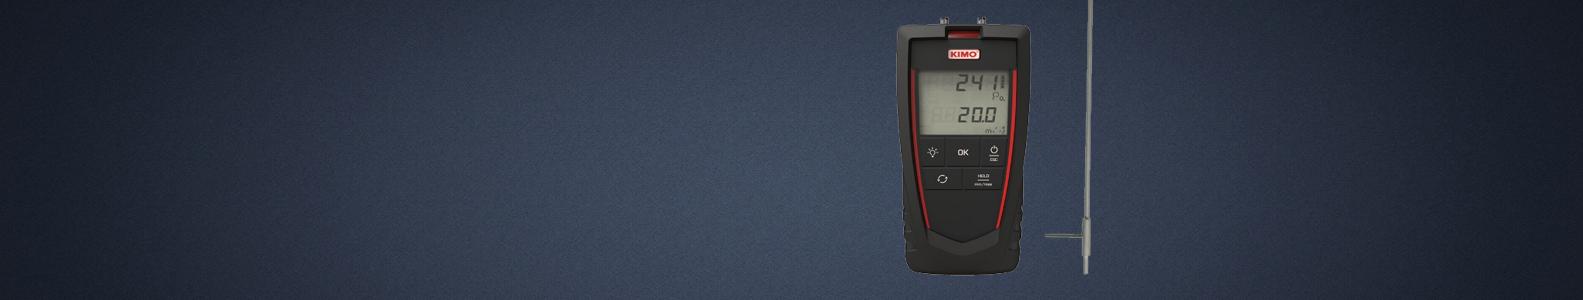 Skaitmeniniai manometrai  Skaitmeniniai manometrai ieškantiems aukštos kokybės, tikslaus matavimo prietaiso